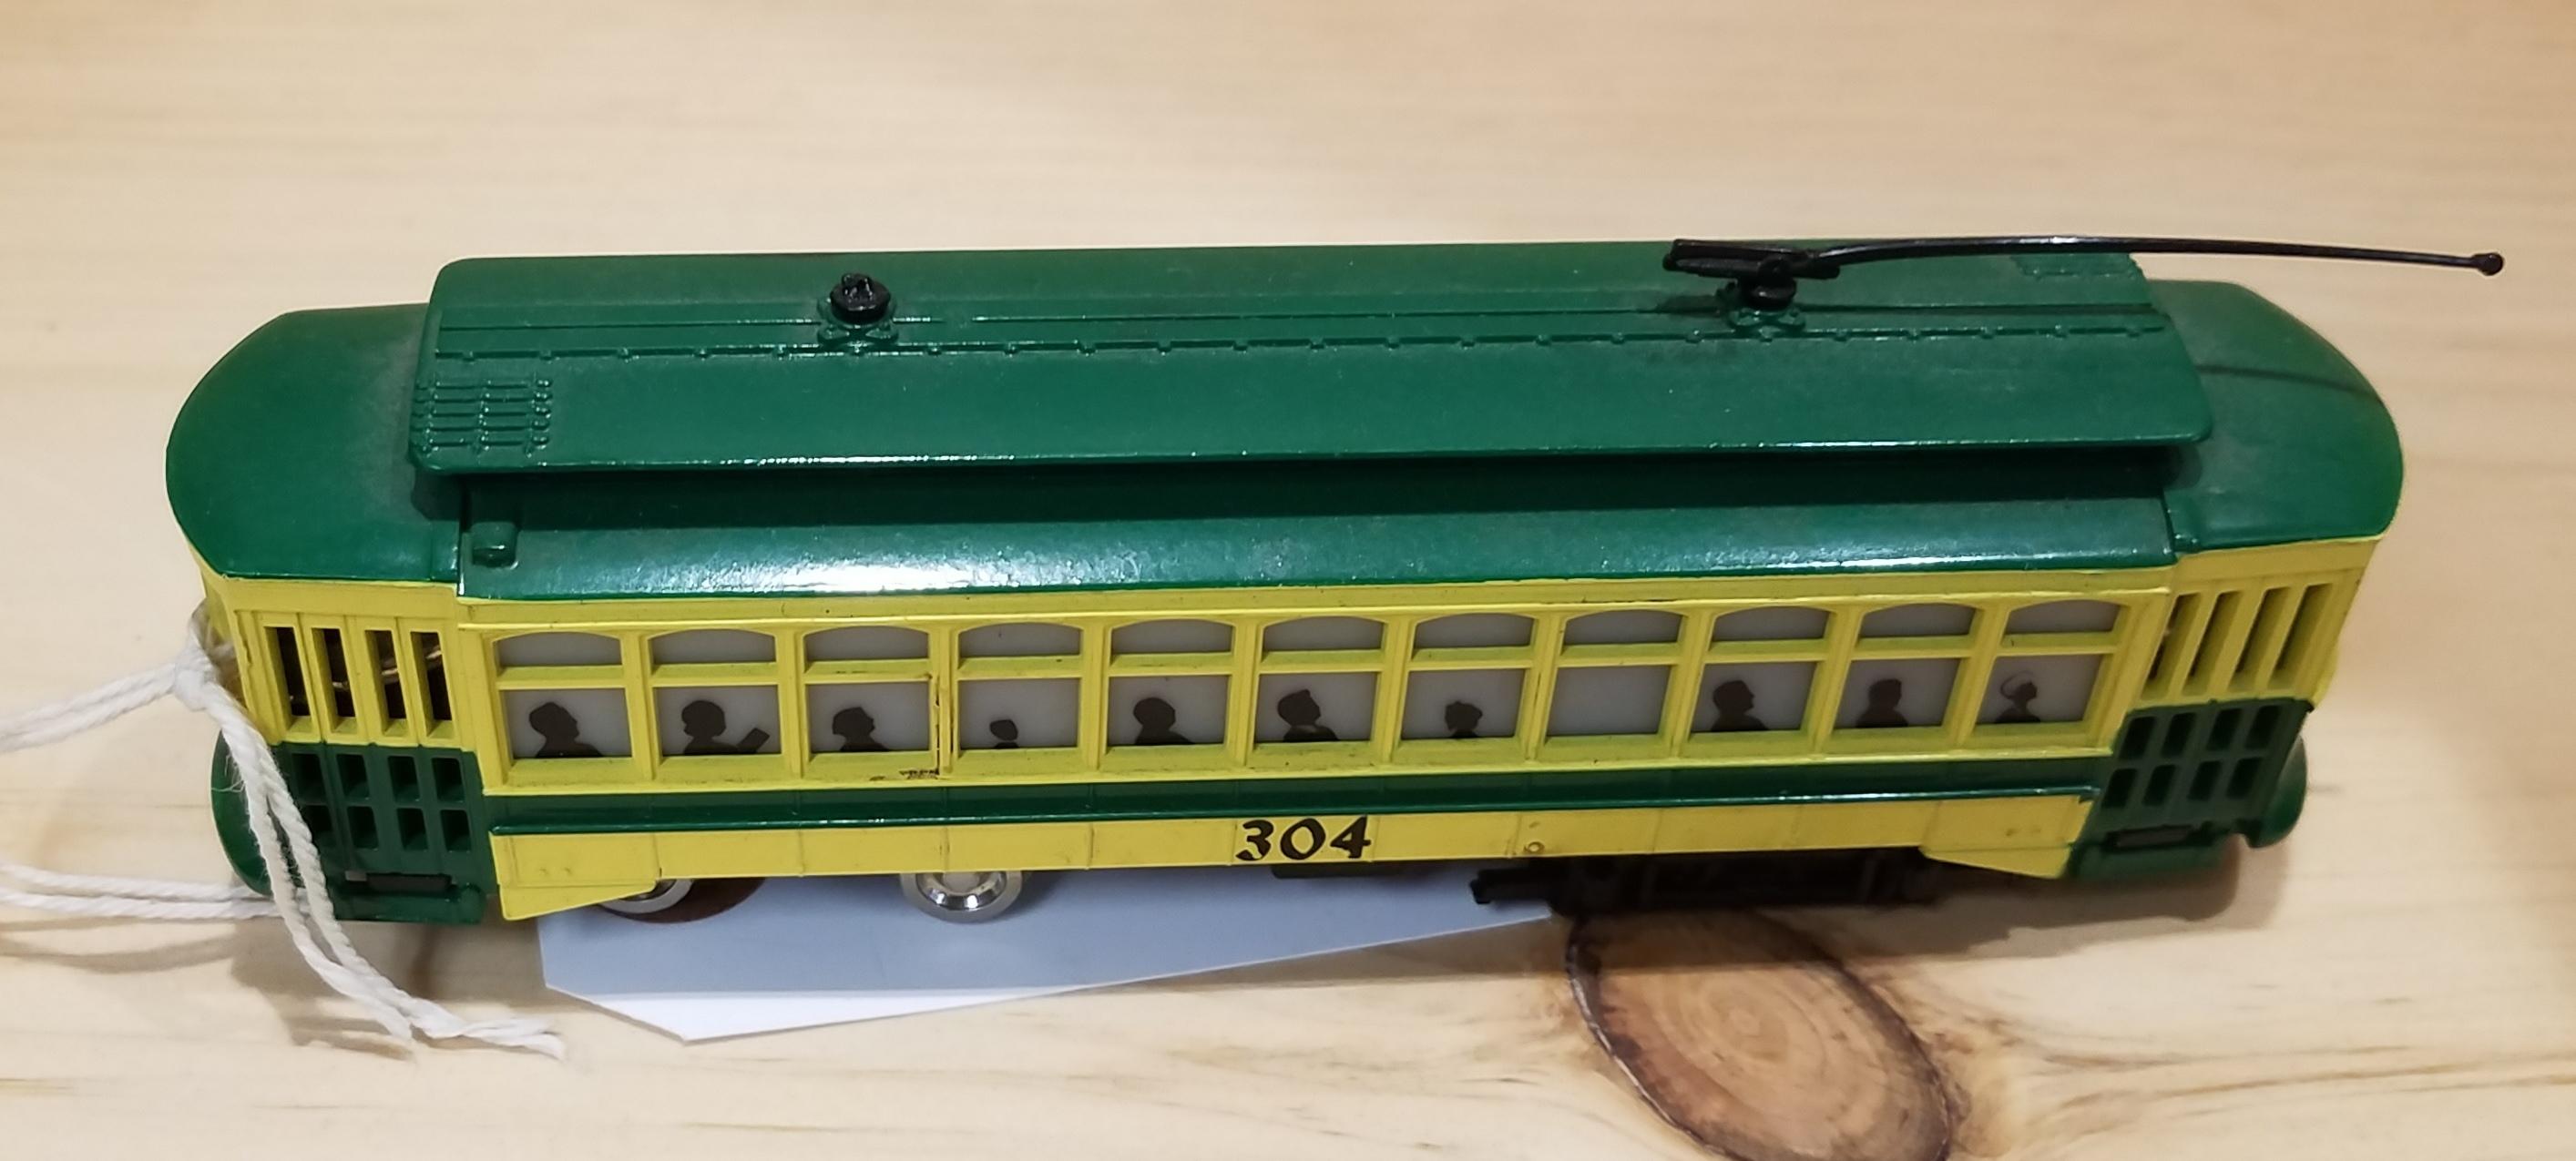 BACHMANN  304 RAIL CAR  TRAINS TOYS